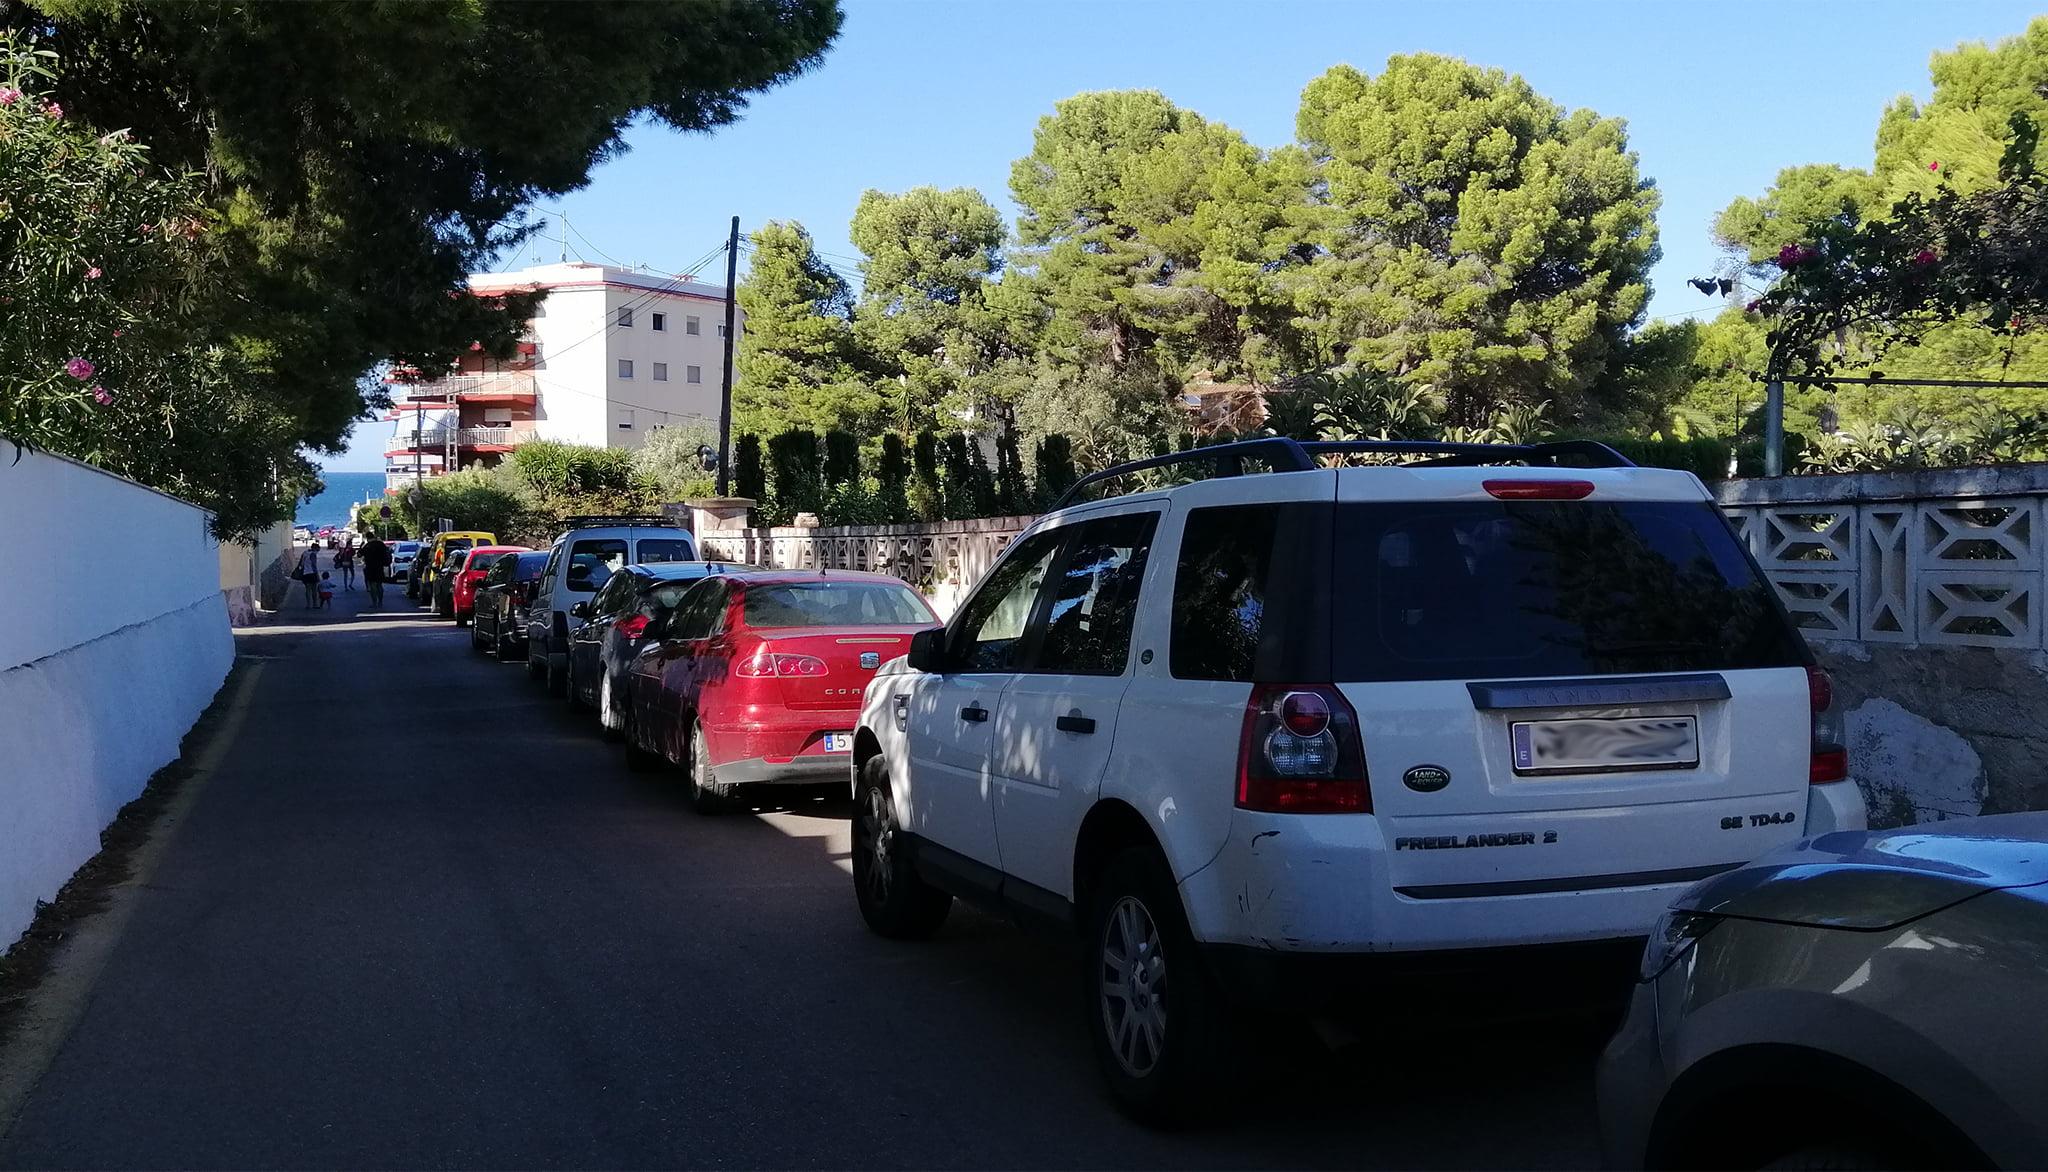 Acceso a El Trampolí masificado de vehículos